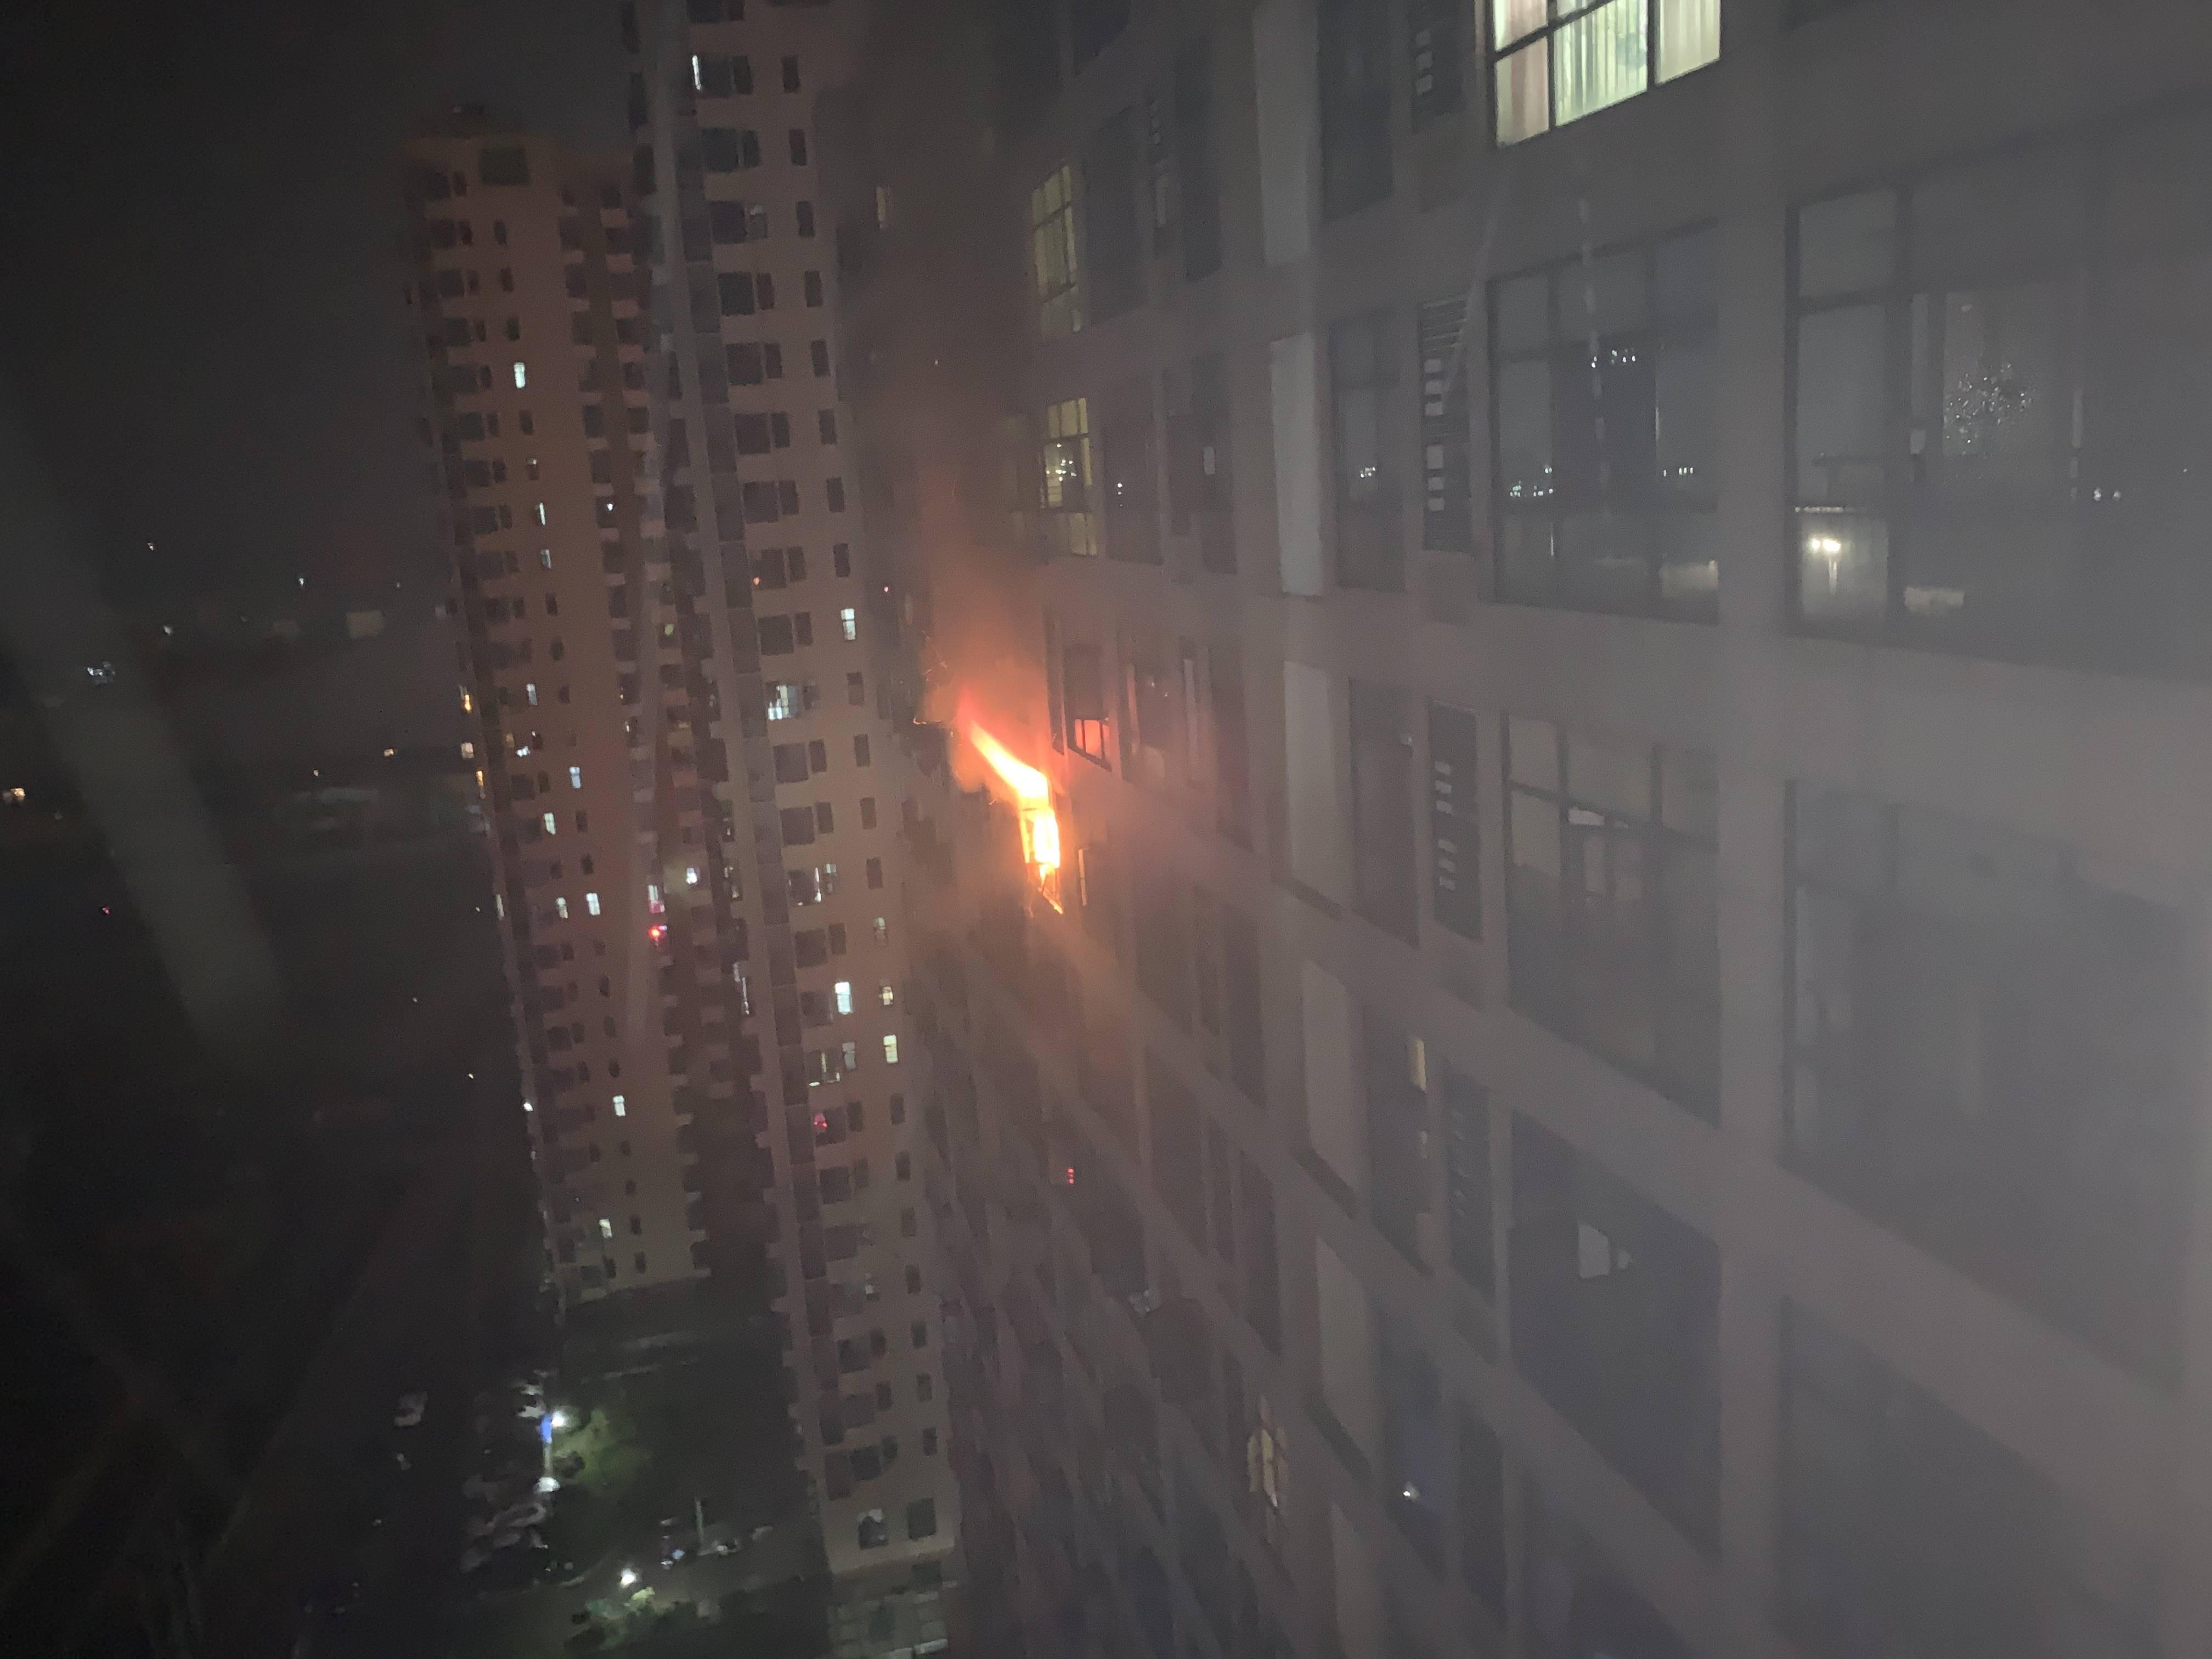 湖北随州:高层公寓深夜突发大火,随州消防成功疏散60余人